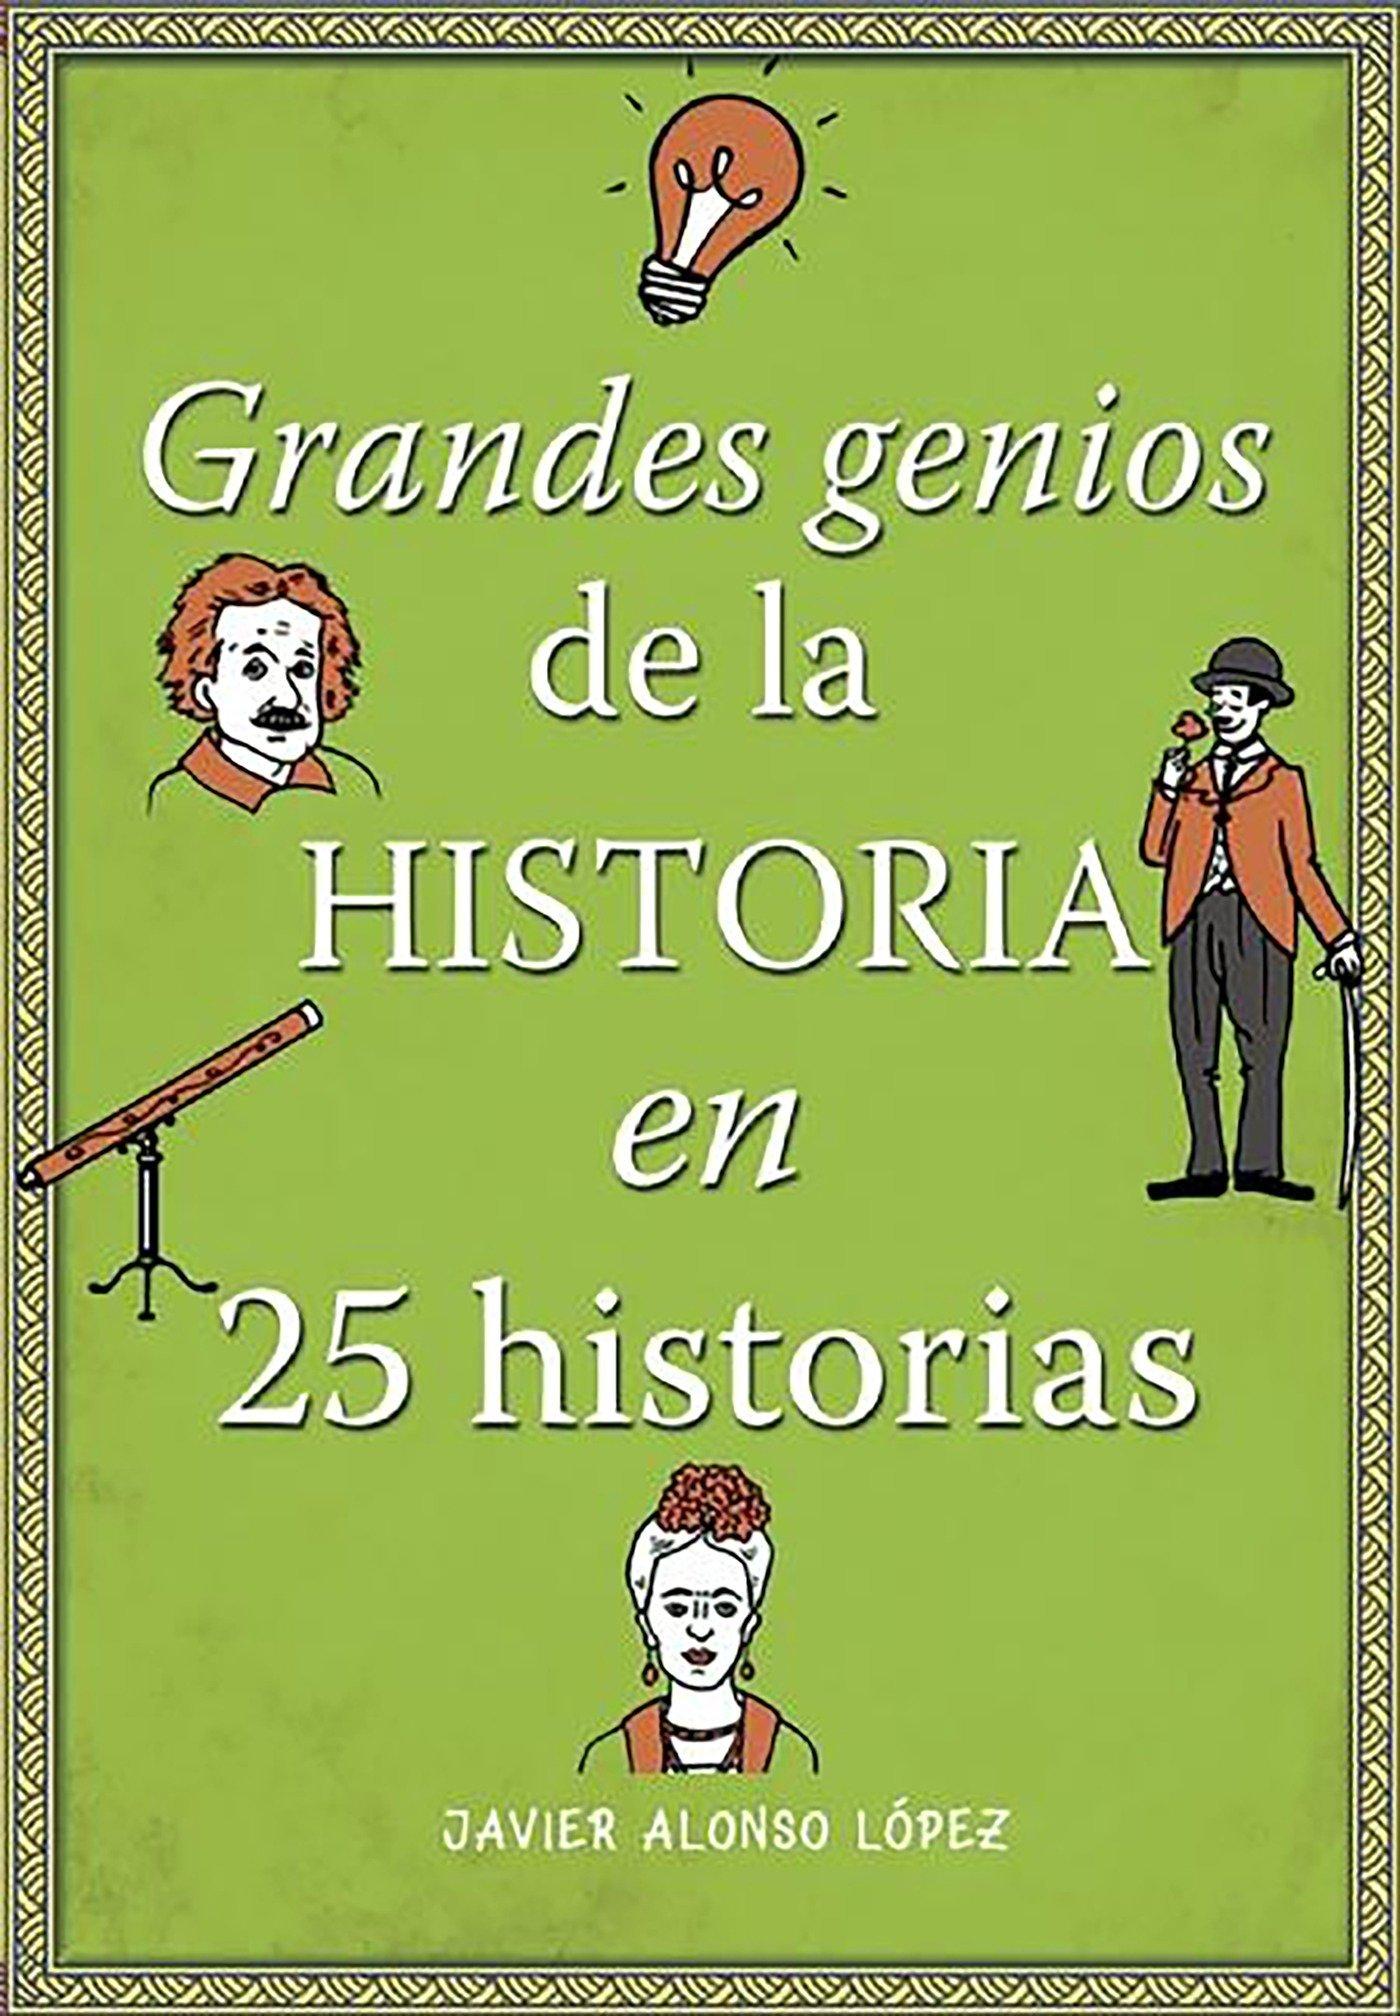 Grandes genios de la historia en 25 historias No ficción ilustrados: Amazon.es: Alonso López, Javier: Libros